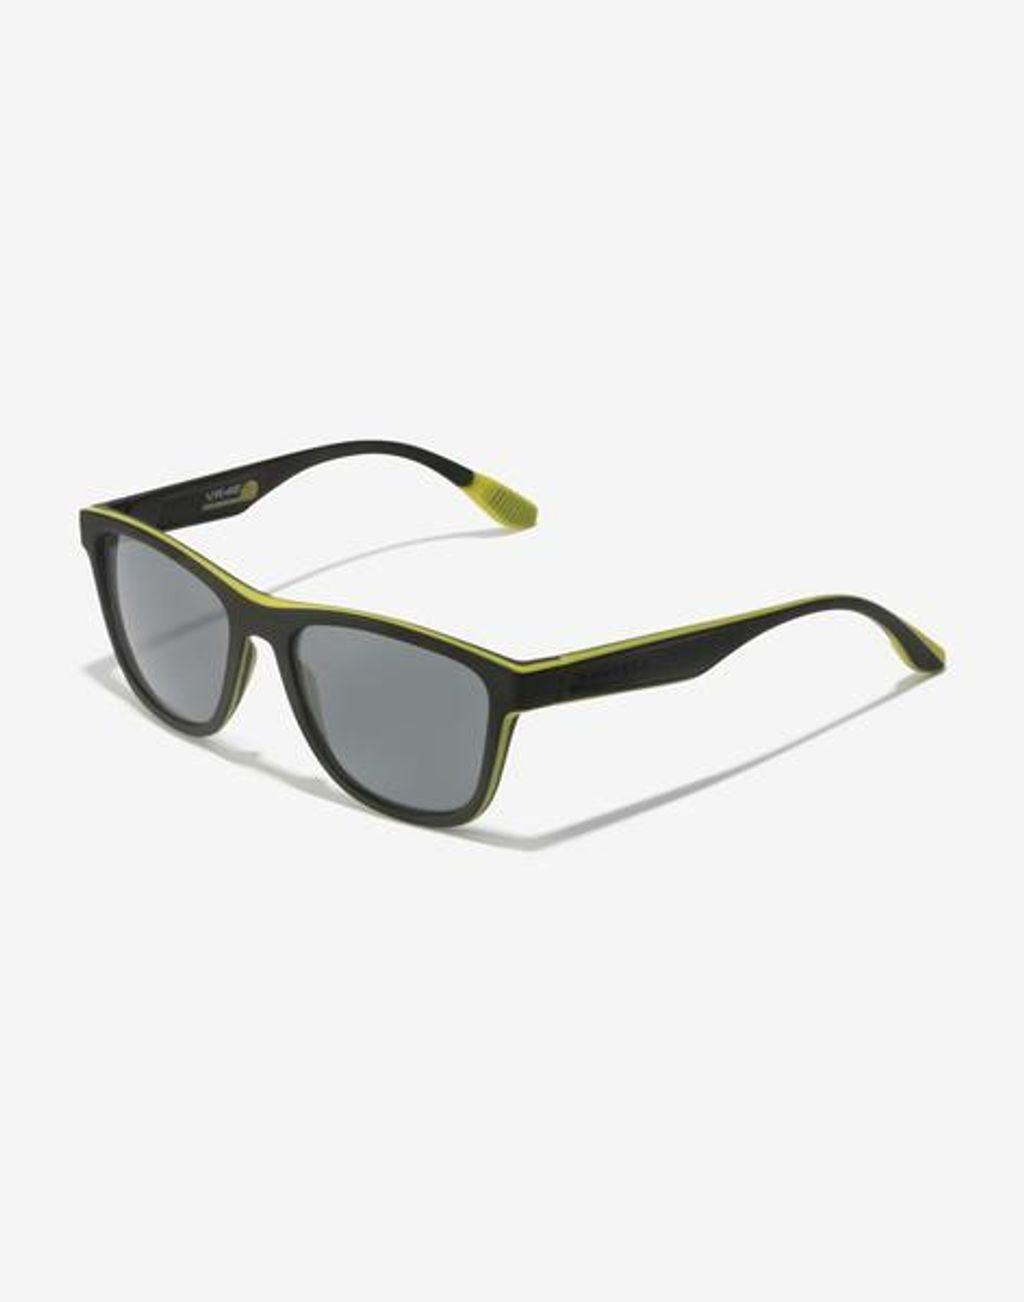 gafas-sol-hawkers-110074-l_x600.progressive.jpg